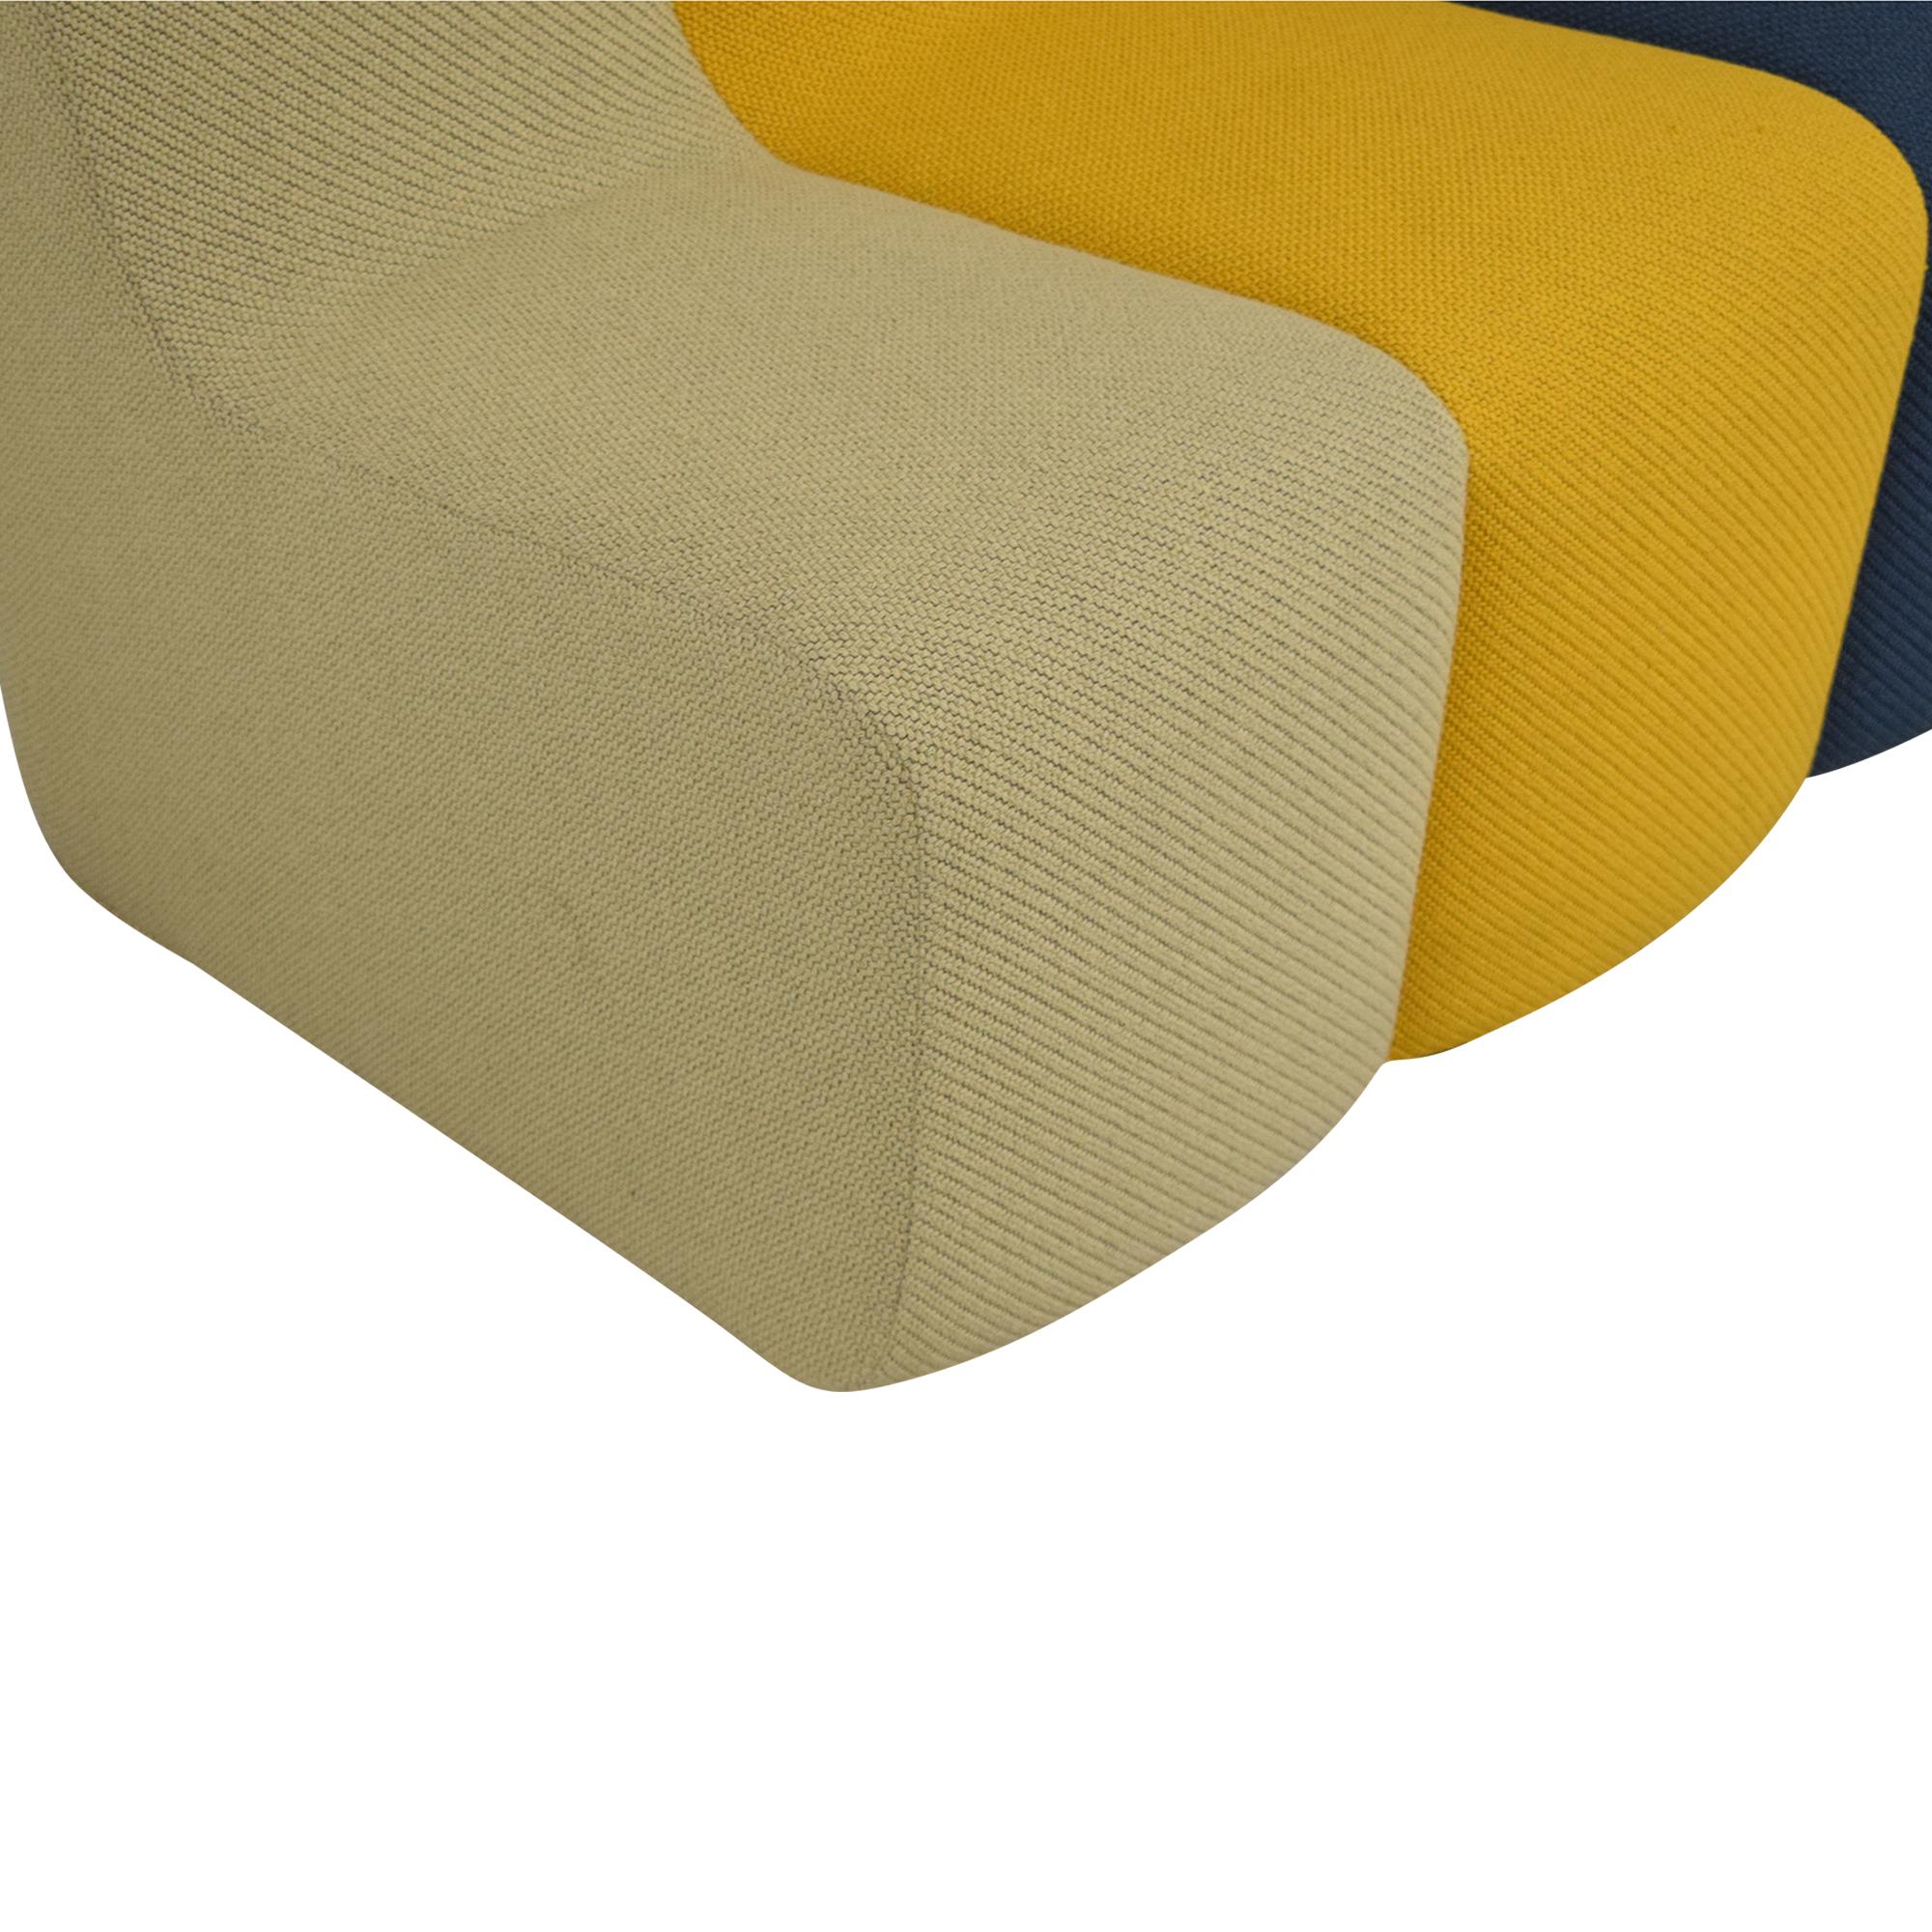 buy Koleksiyon Koleksiyon Dilim Tall Sofa online